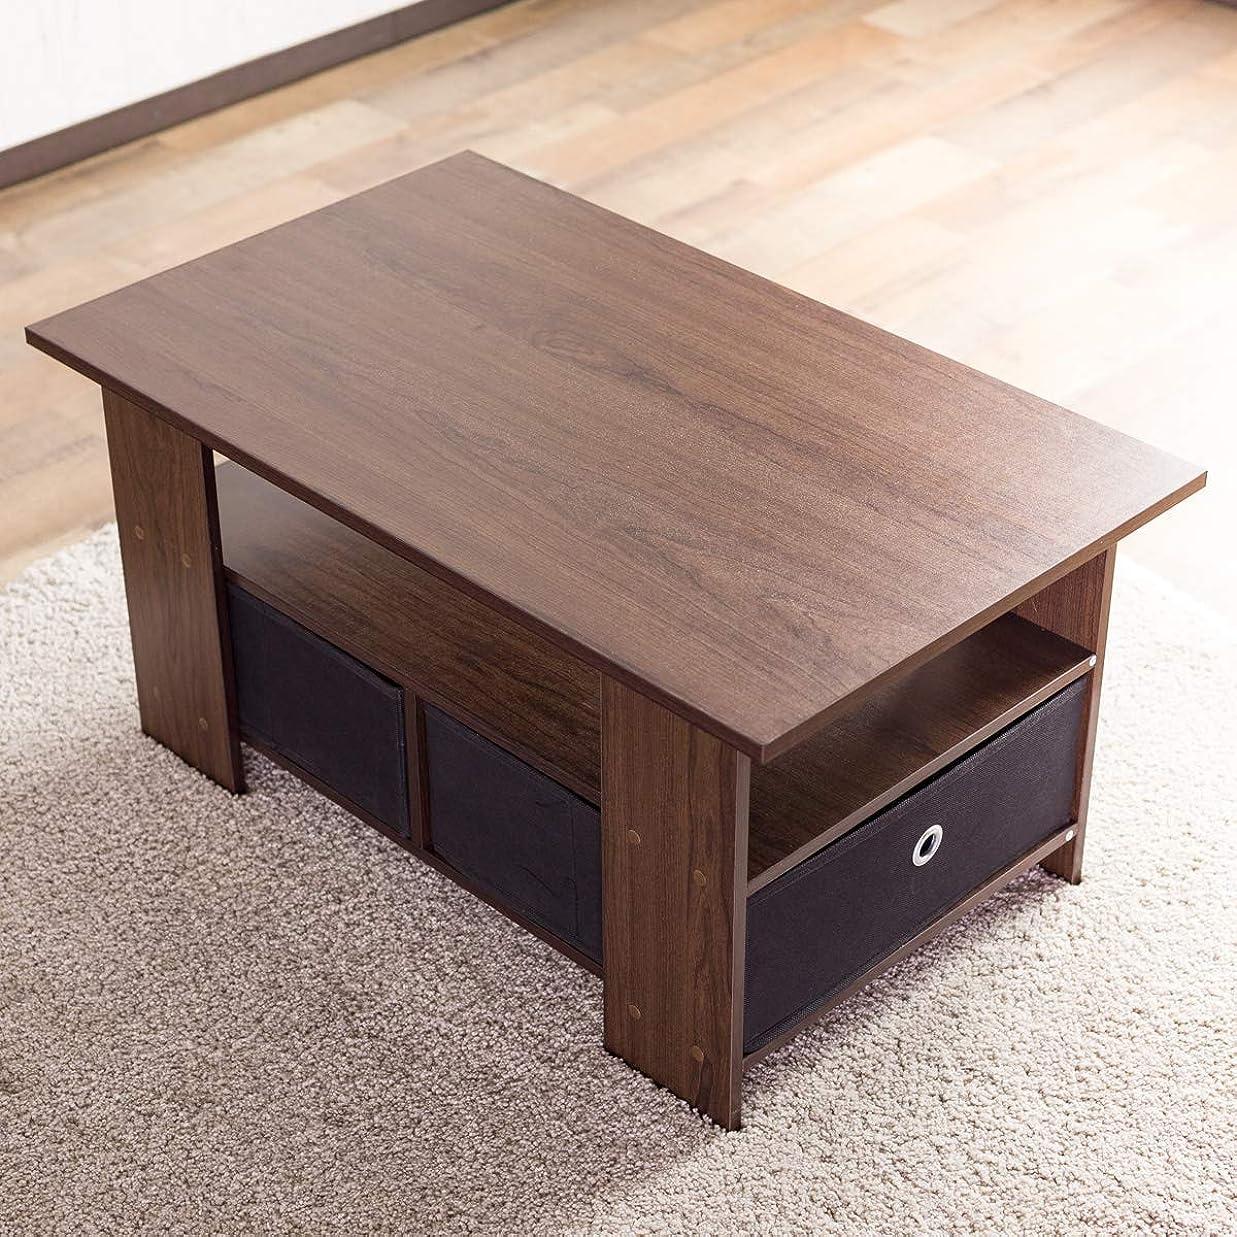 ボット重荷加速するテーブル 使いやすい収納付きセンターテーブル(80×48cm) すっきり片付く収納ボックス付き 中下段で3分割 木製ローテーブル 訳有り(ブラウン色)